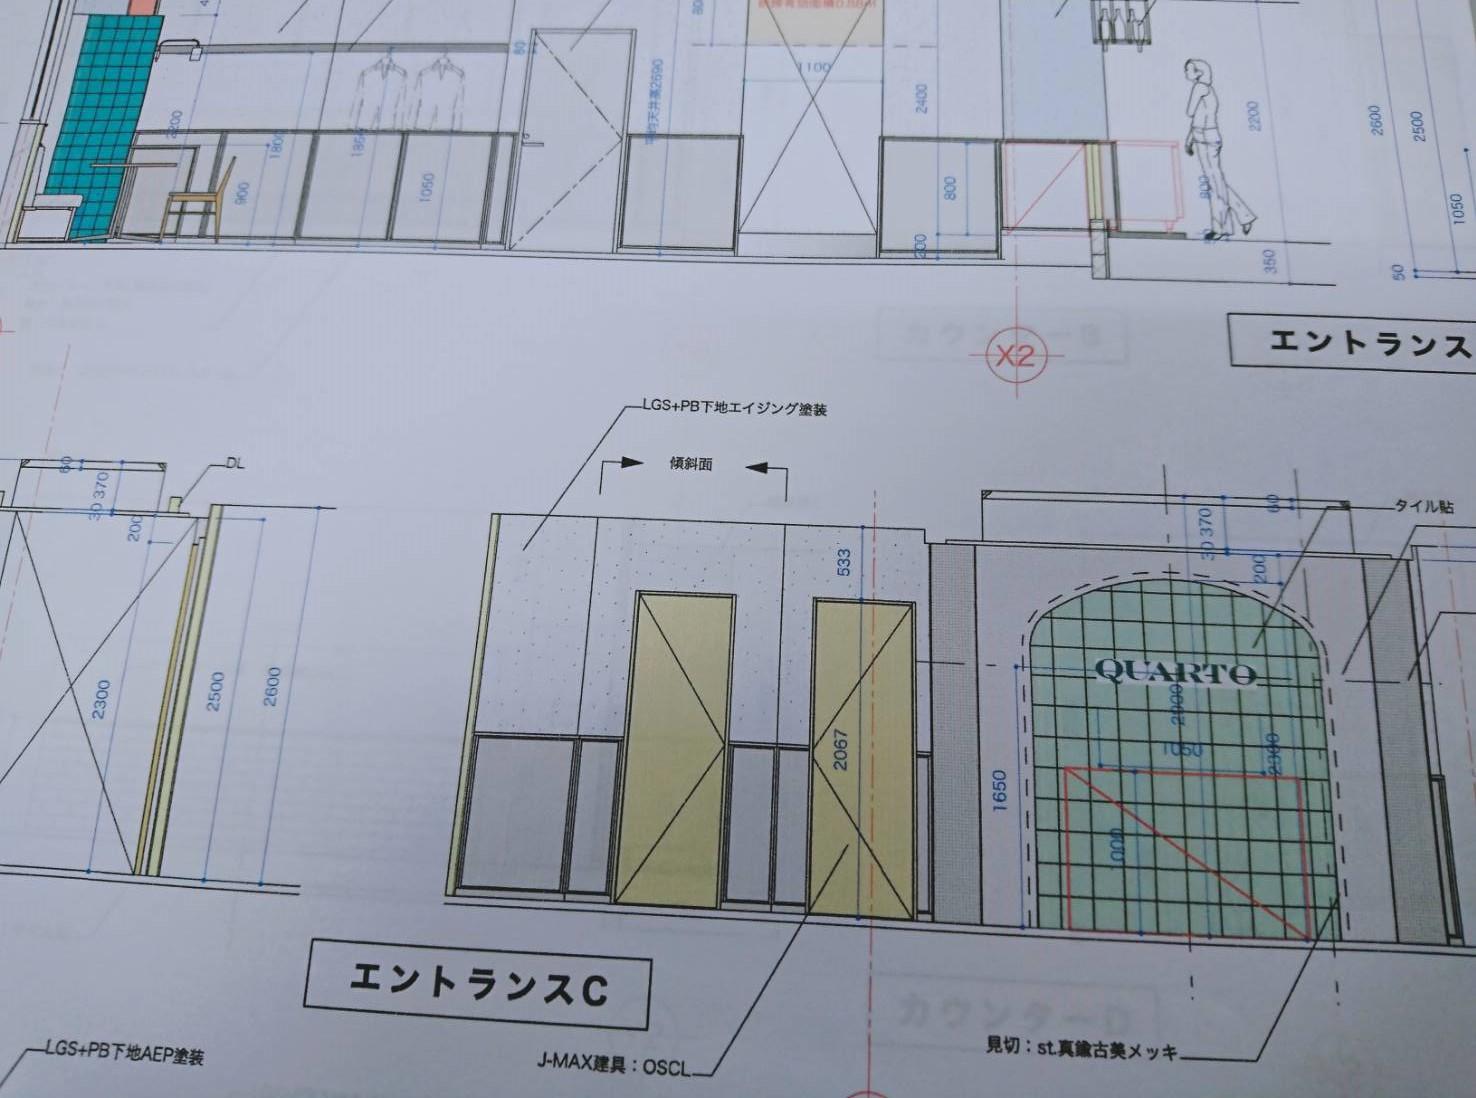 西新宿 クアルト